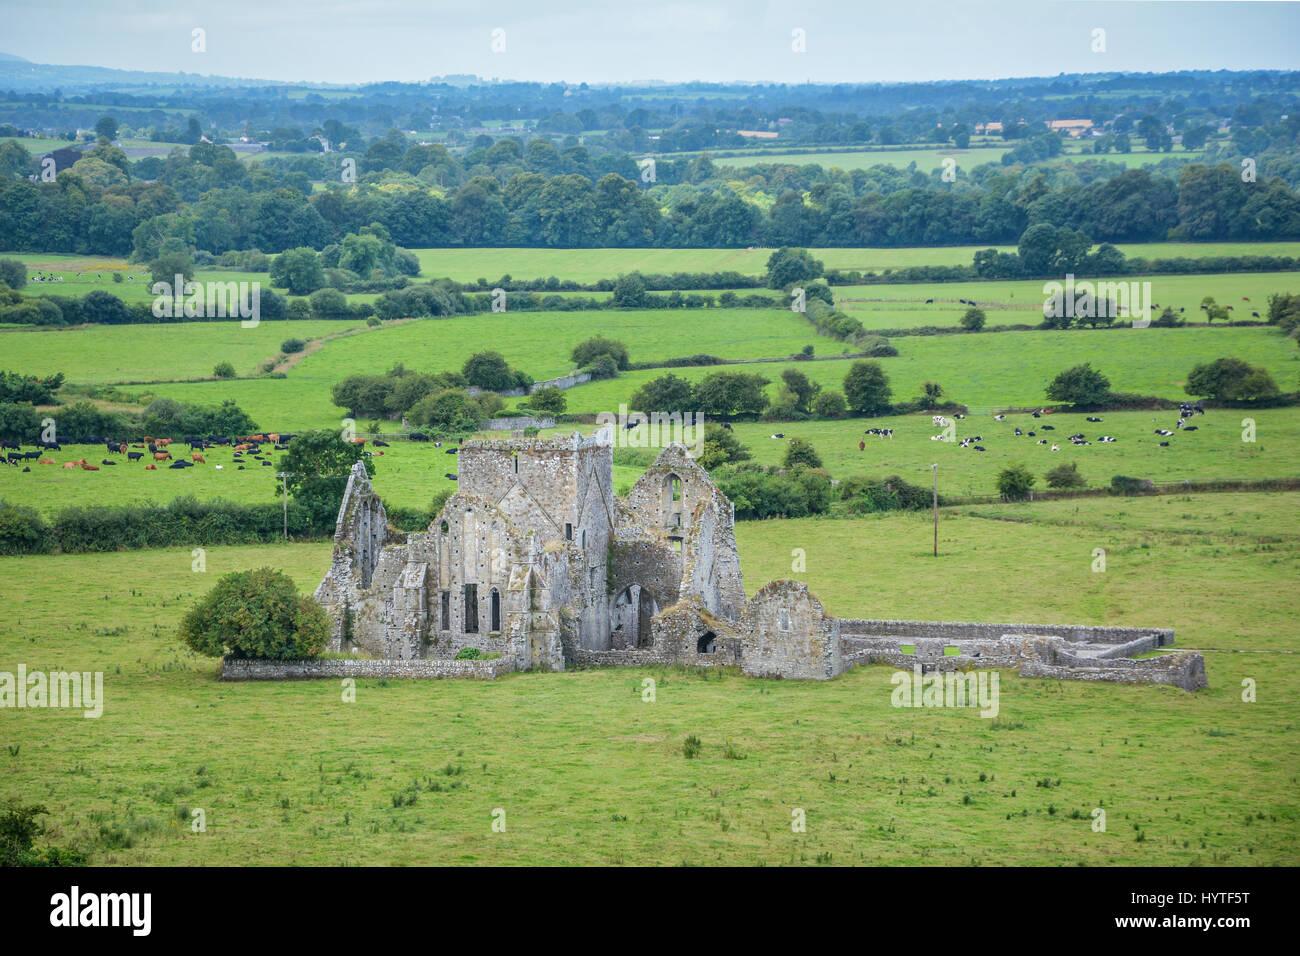 Hore Abbey, monastère cistercienne et près du rocher de Cashel, comté de Tipperary, Irlande Photo Stock